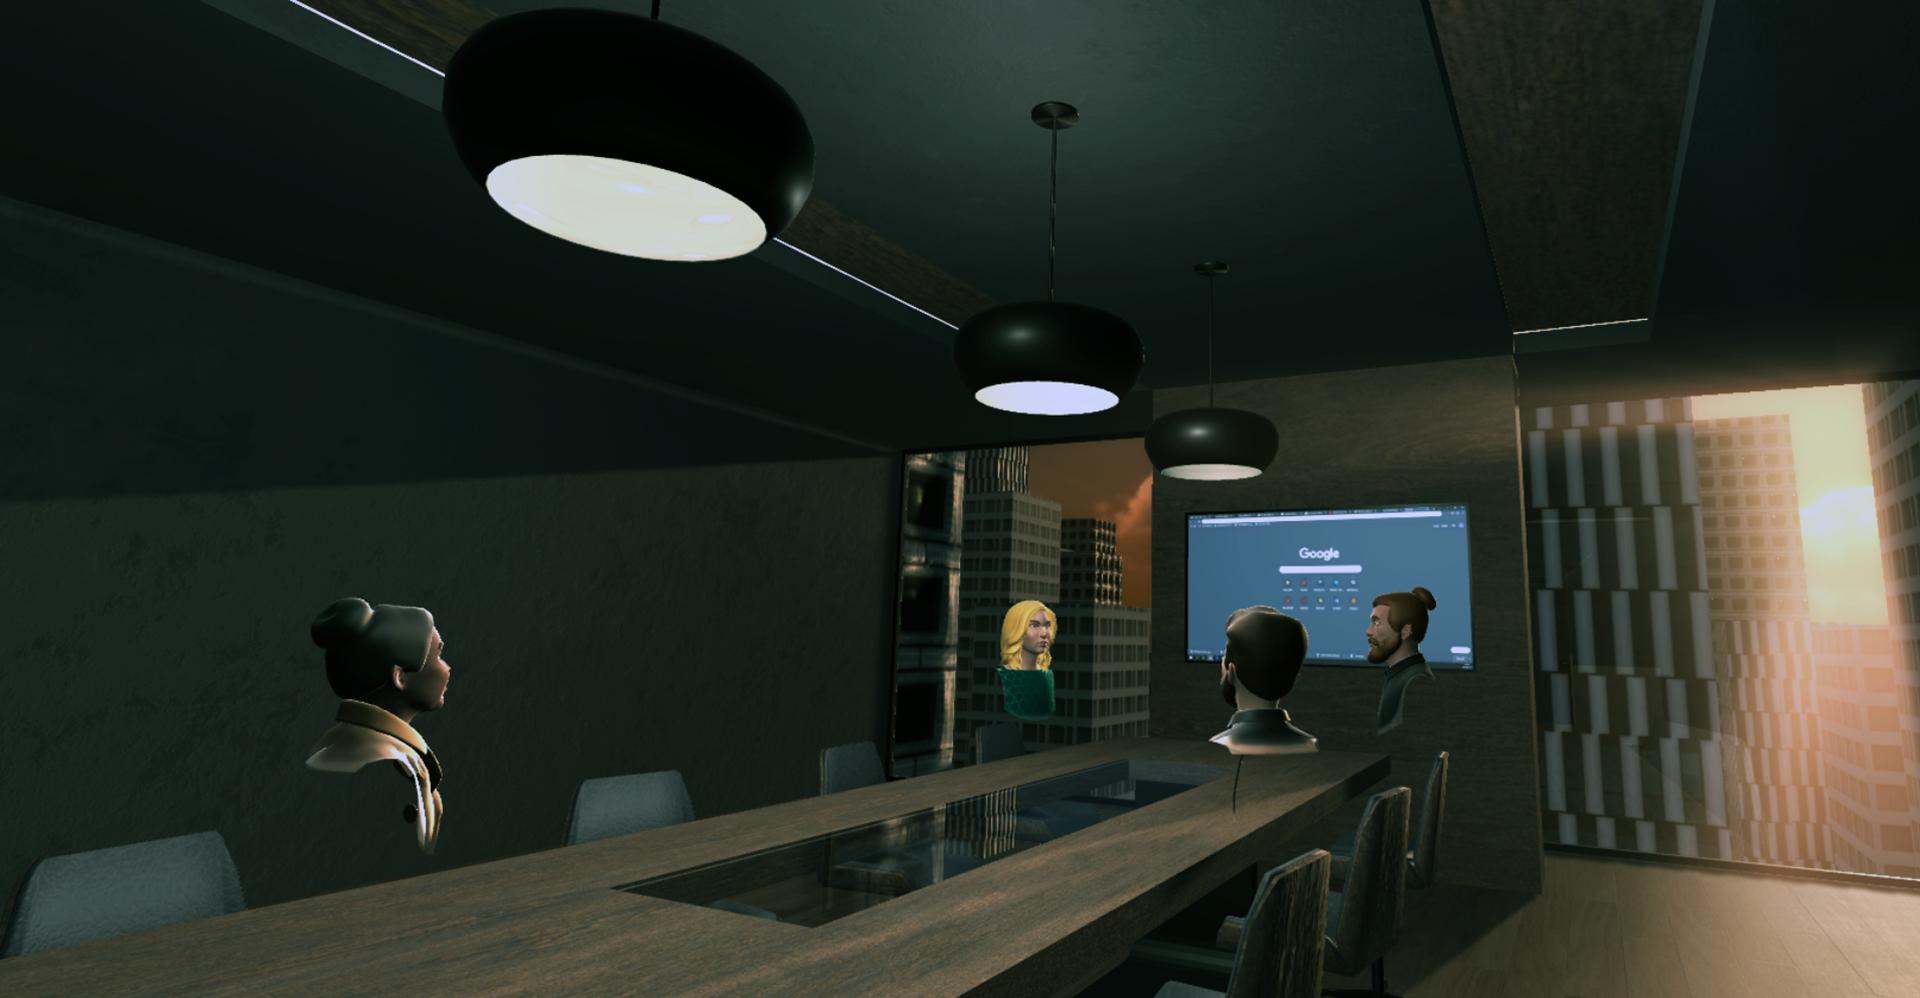 boardroom-meetings-in-virtual-reality